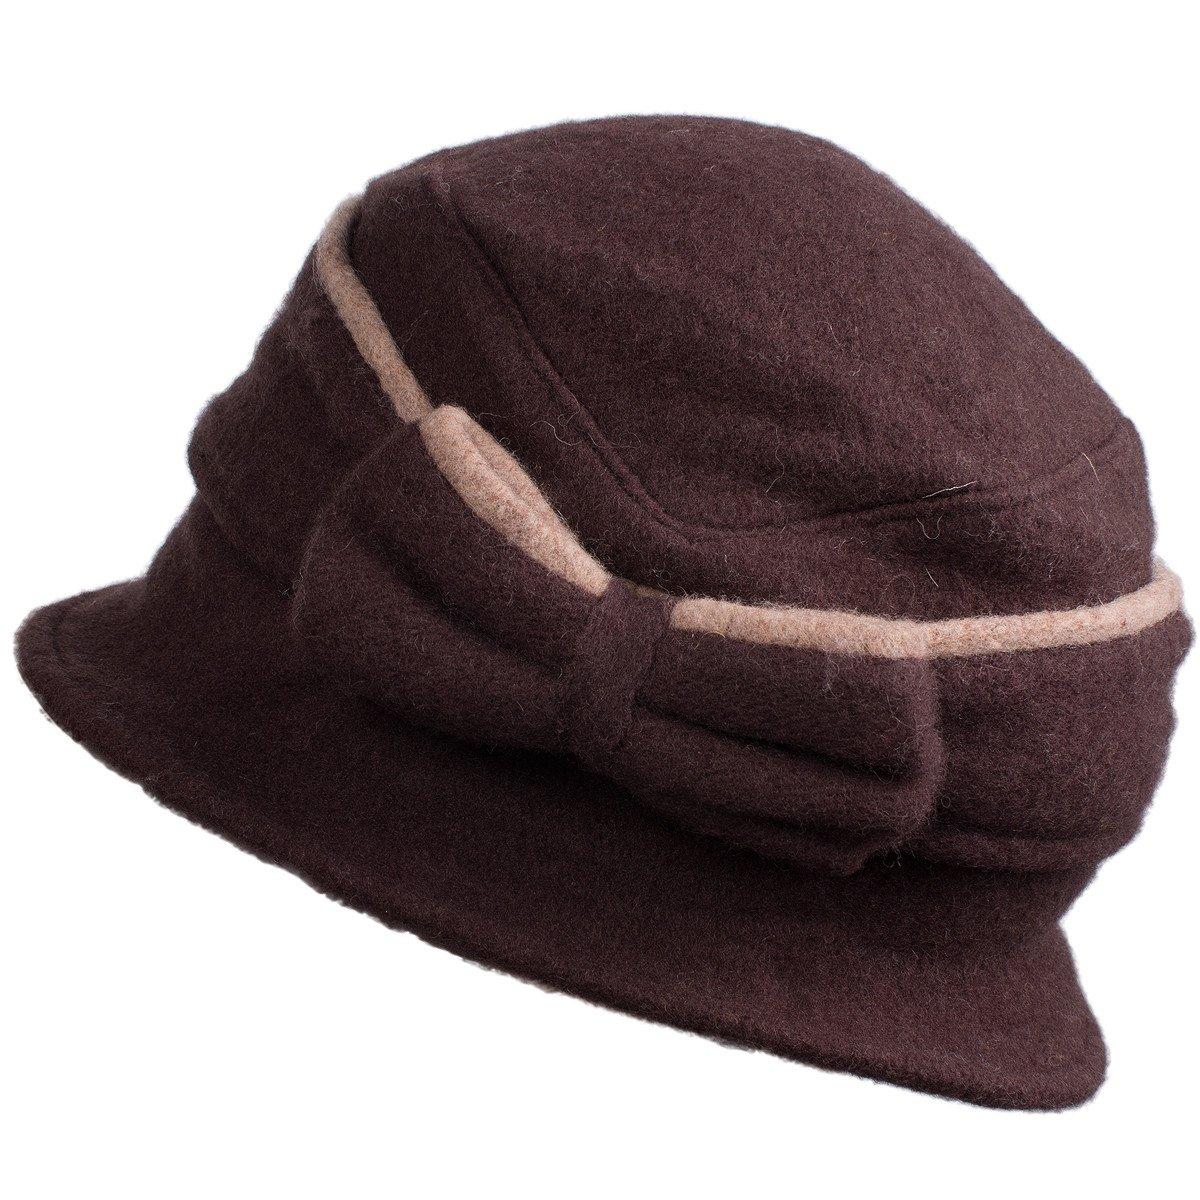 99fcf648152 Lawliet Two-Tone Womens Ladies 100% Wool Winter Warm Bow Bucket Cloche Hat  T177